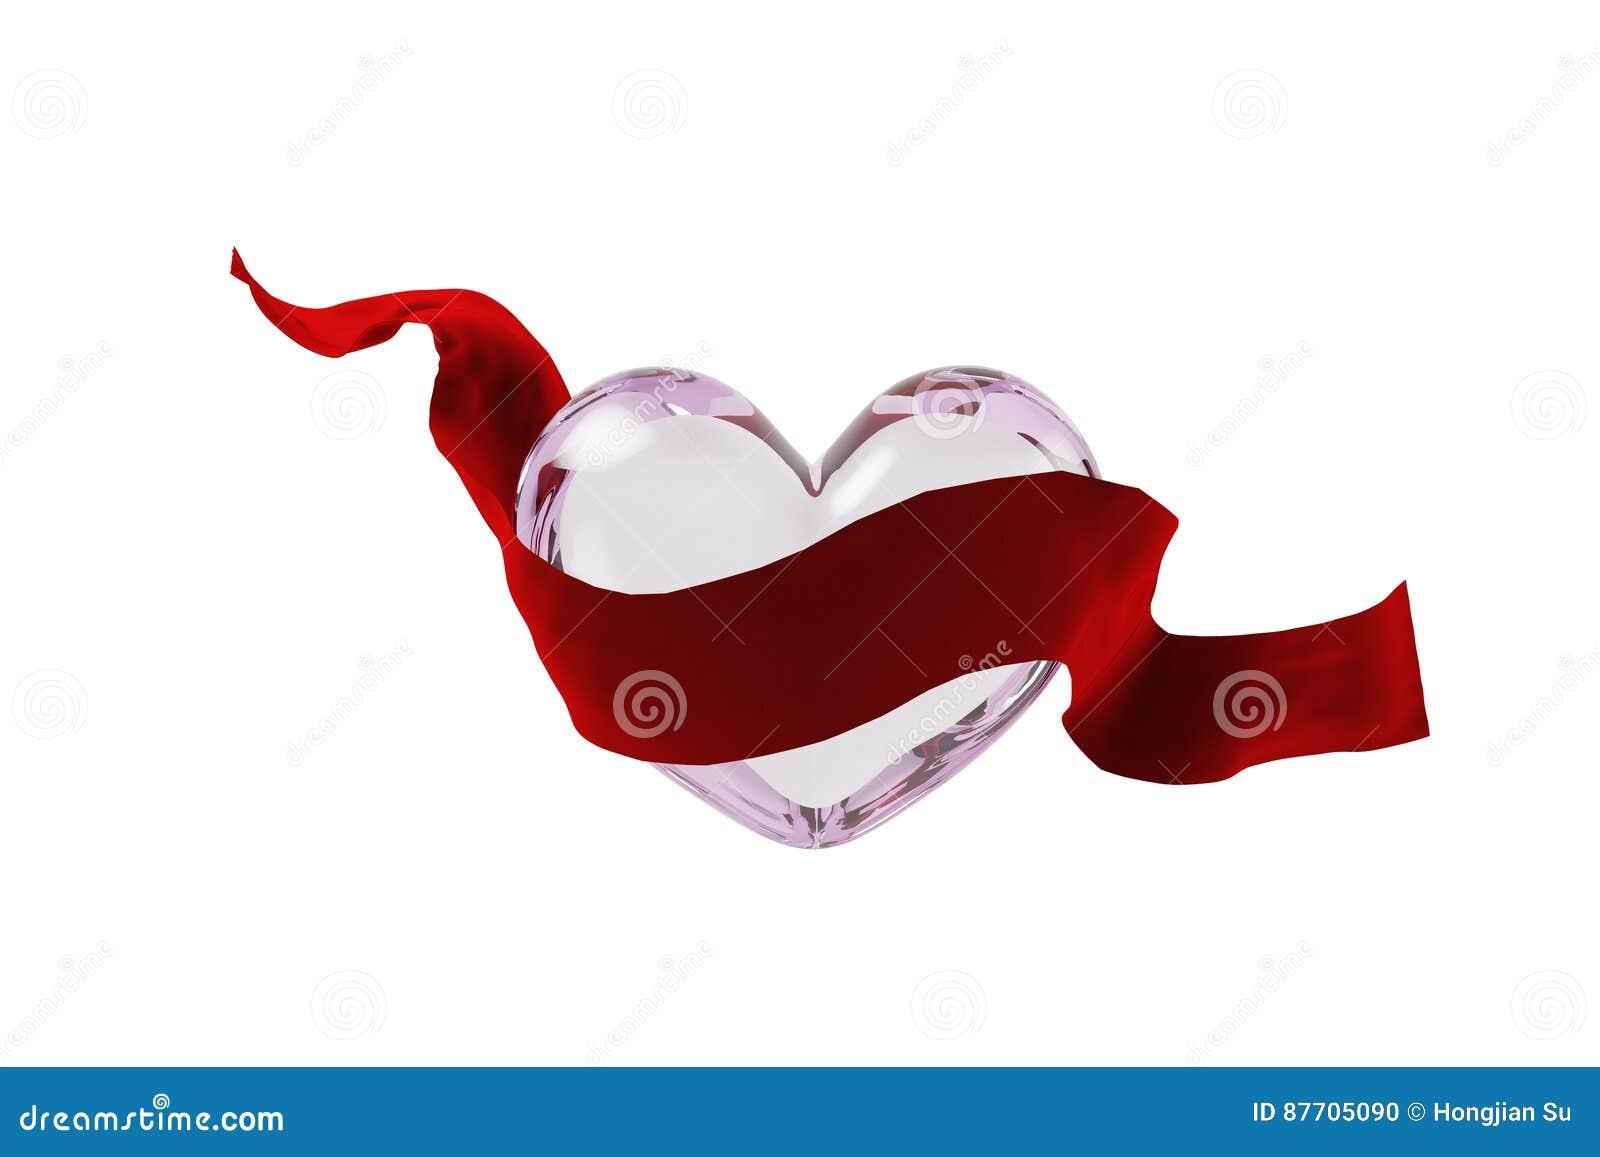 Ruban et verre en forme de coeur